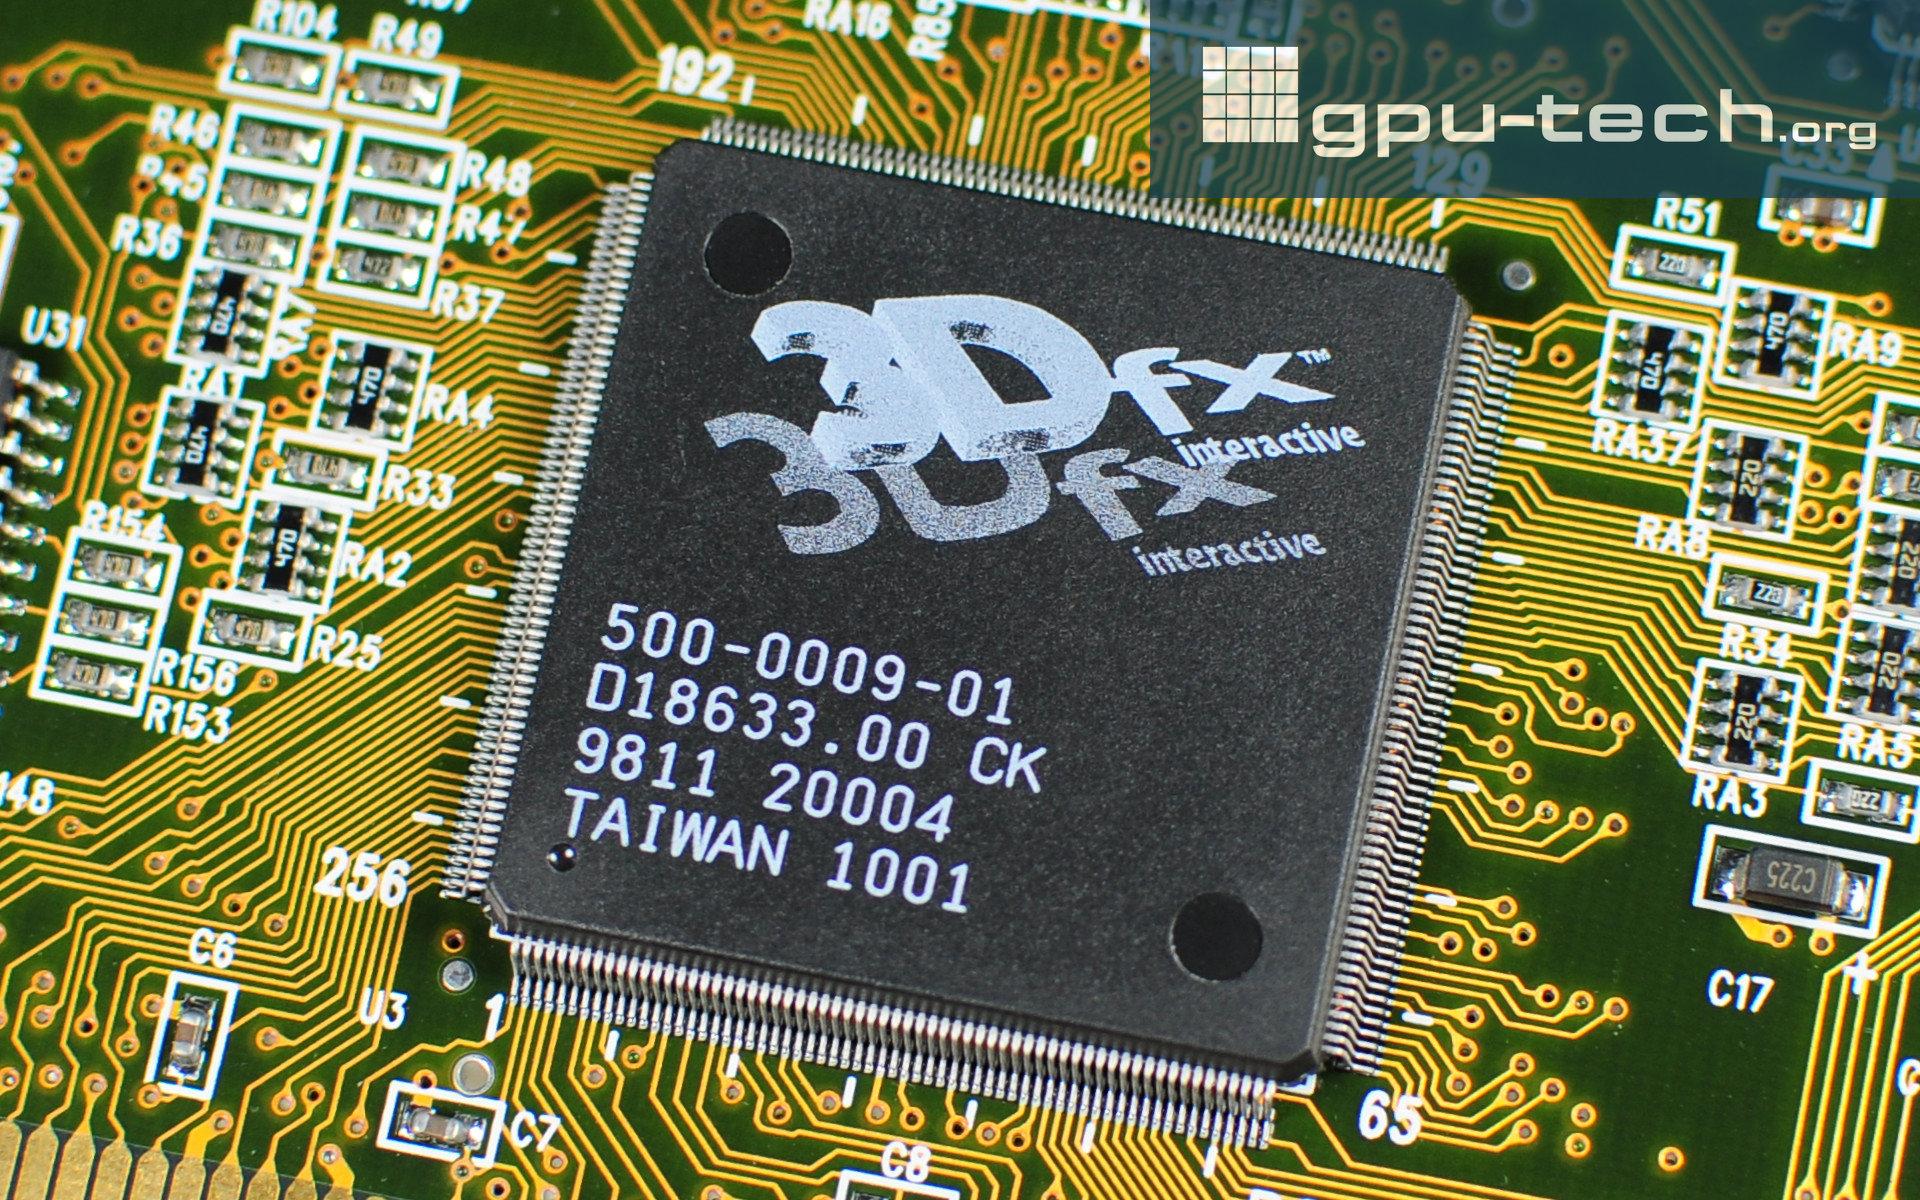 3dfx Voodoo 2: SST-96 Framebuffer Interface